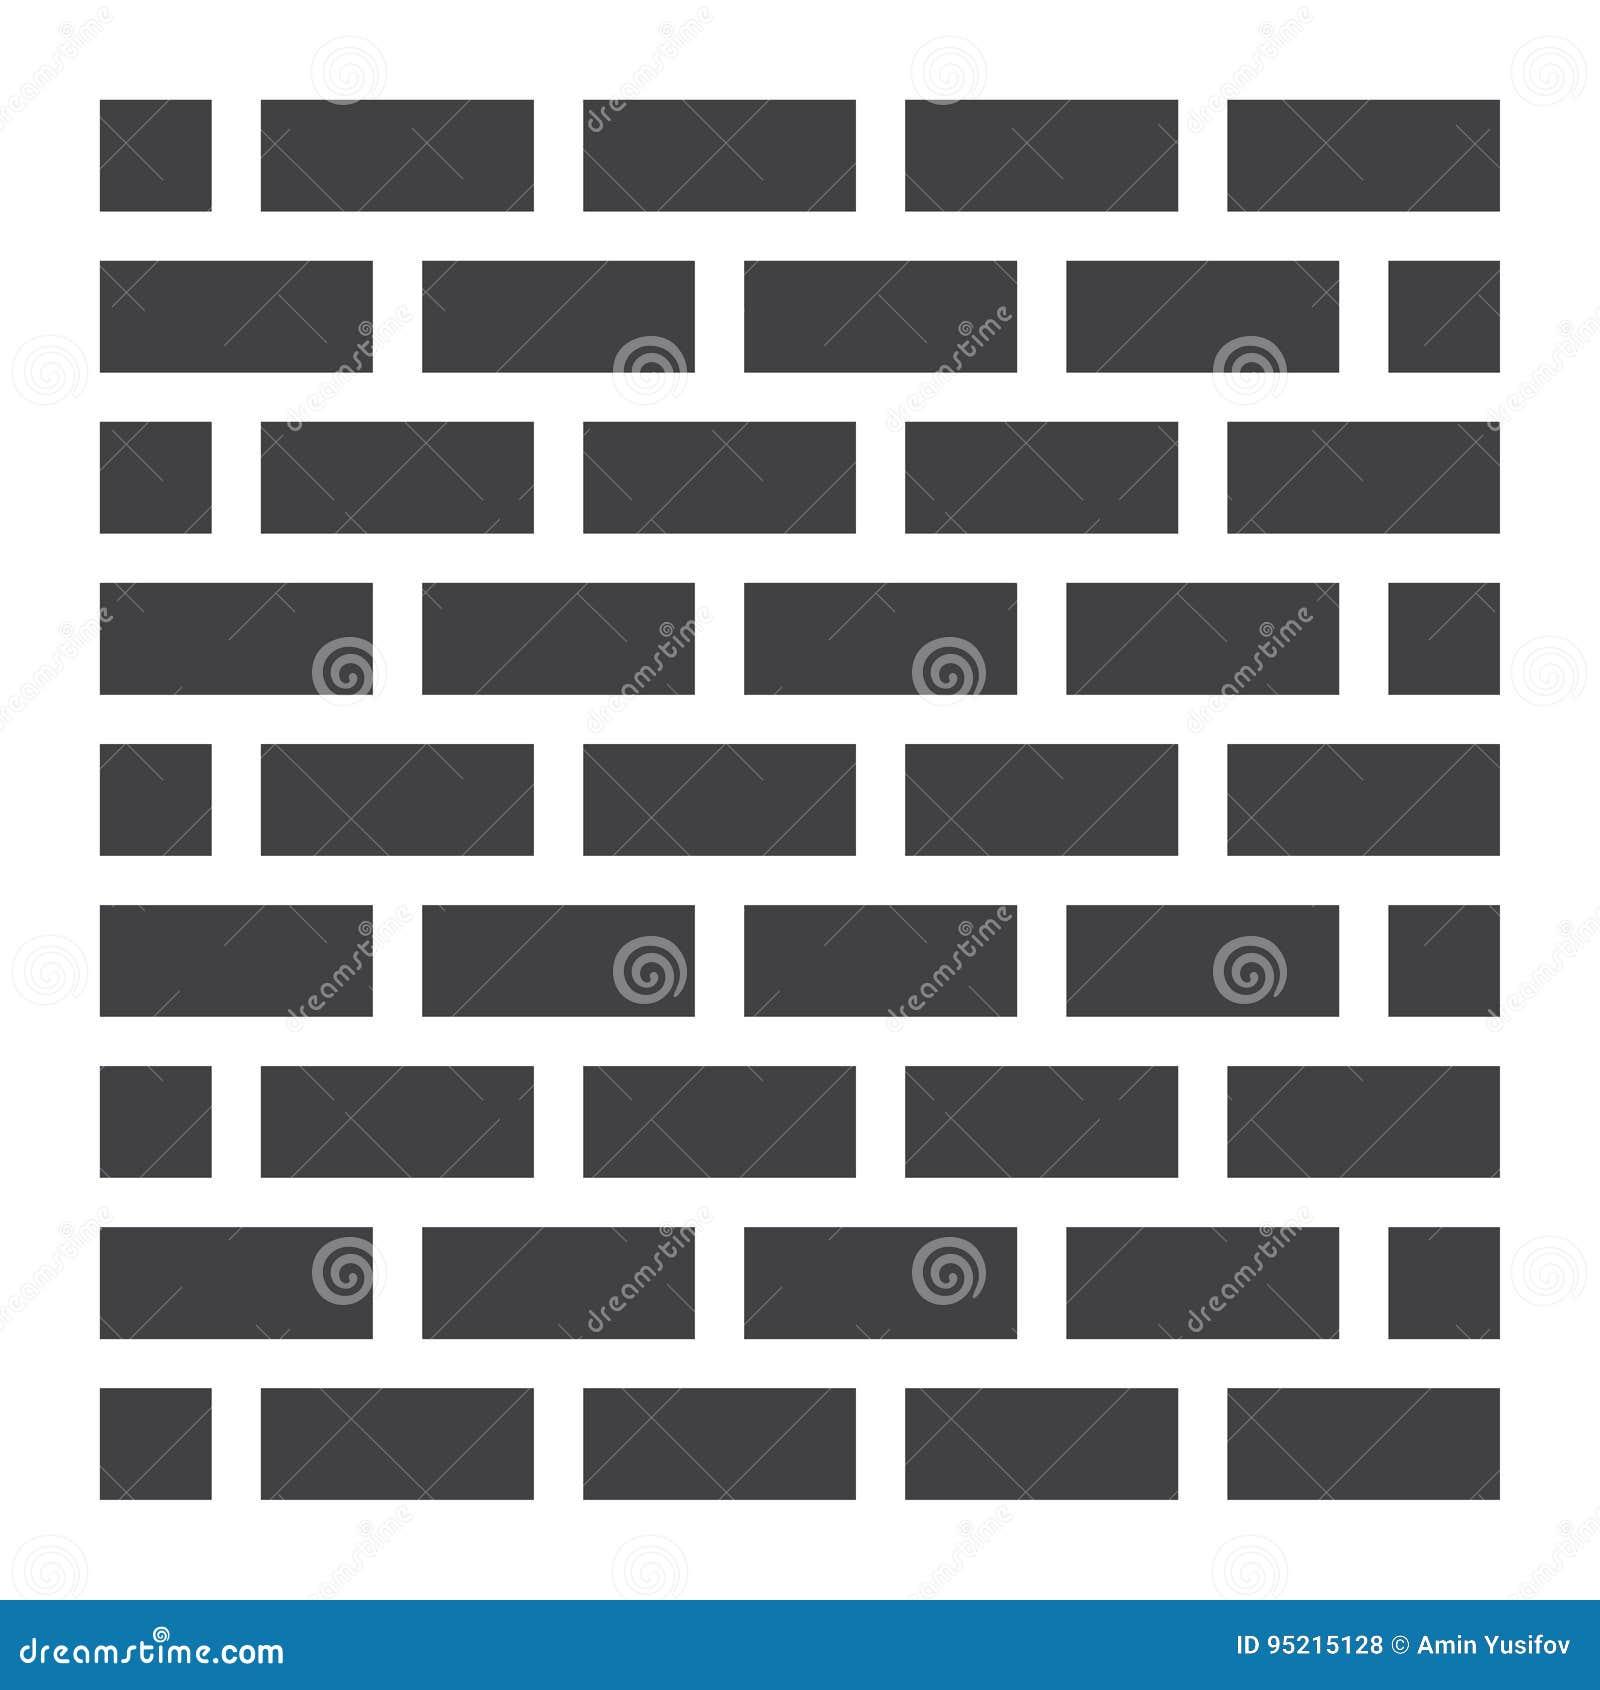 Значок, безопасность и строение кирпичной стены твердые